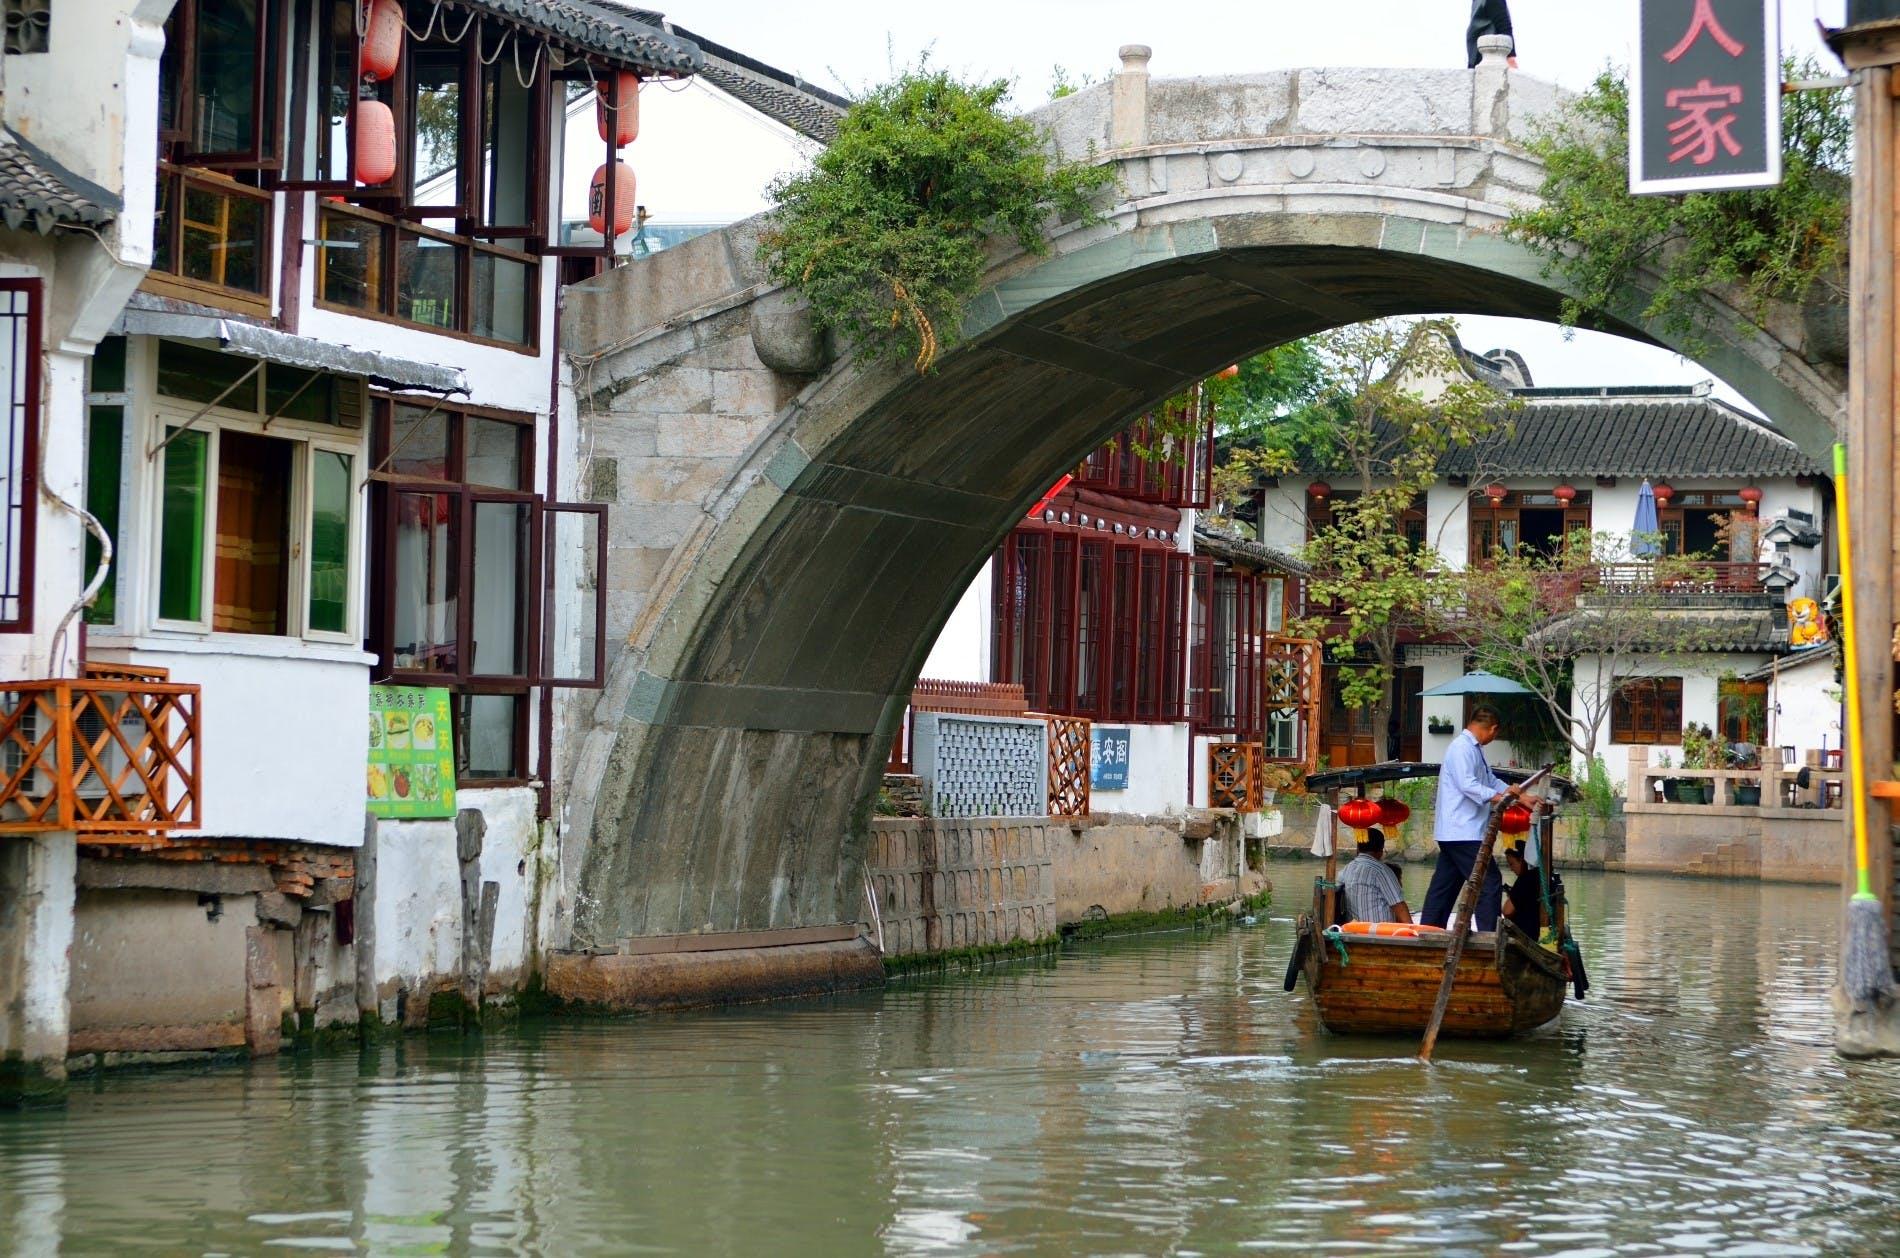 Tickets, museos, atracciones,Entradas a atracciones principales,Excursión a Zhujiajiao